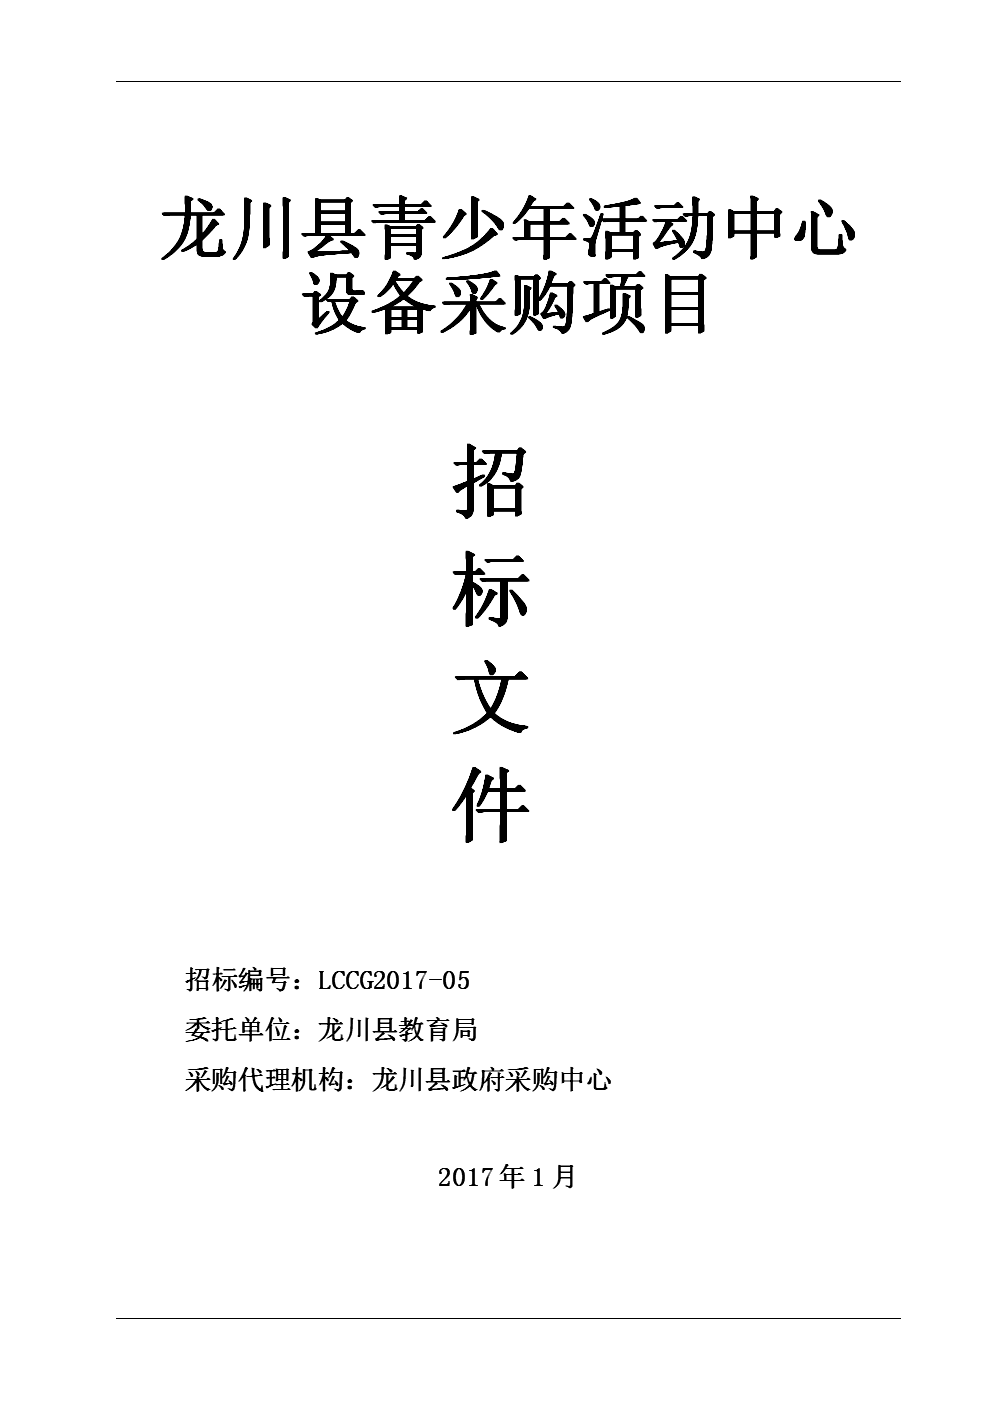 龙川市青少年活动中心.doc